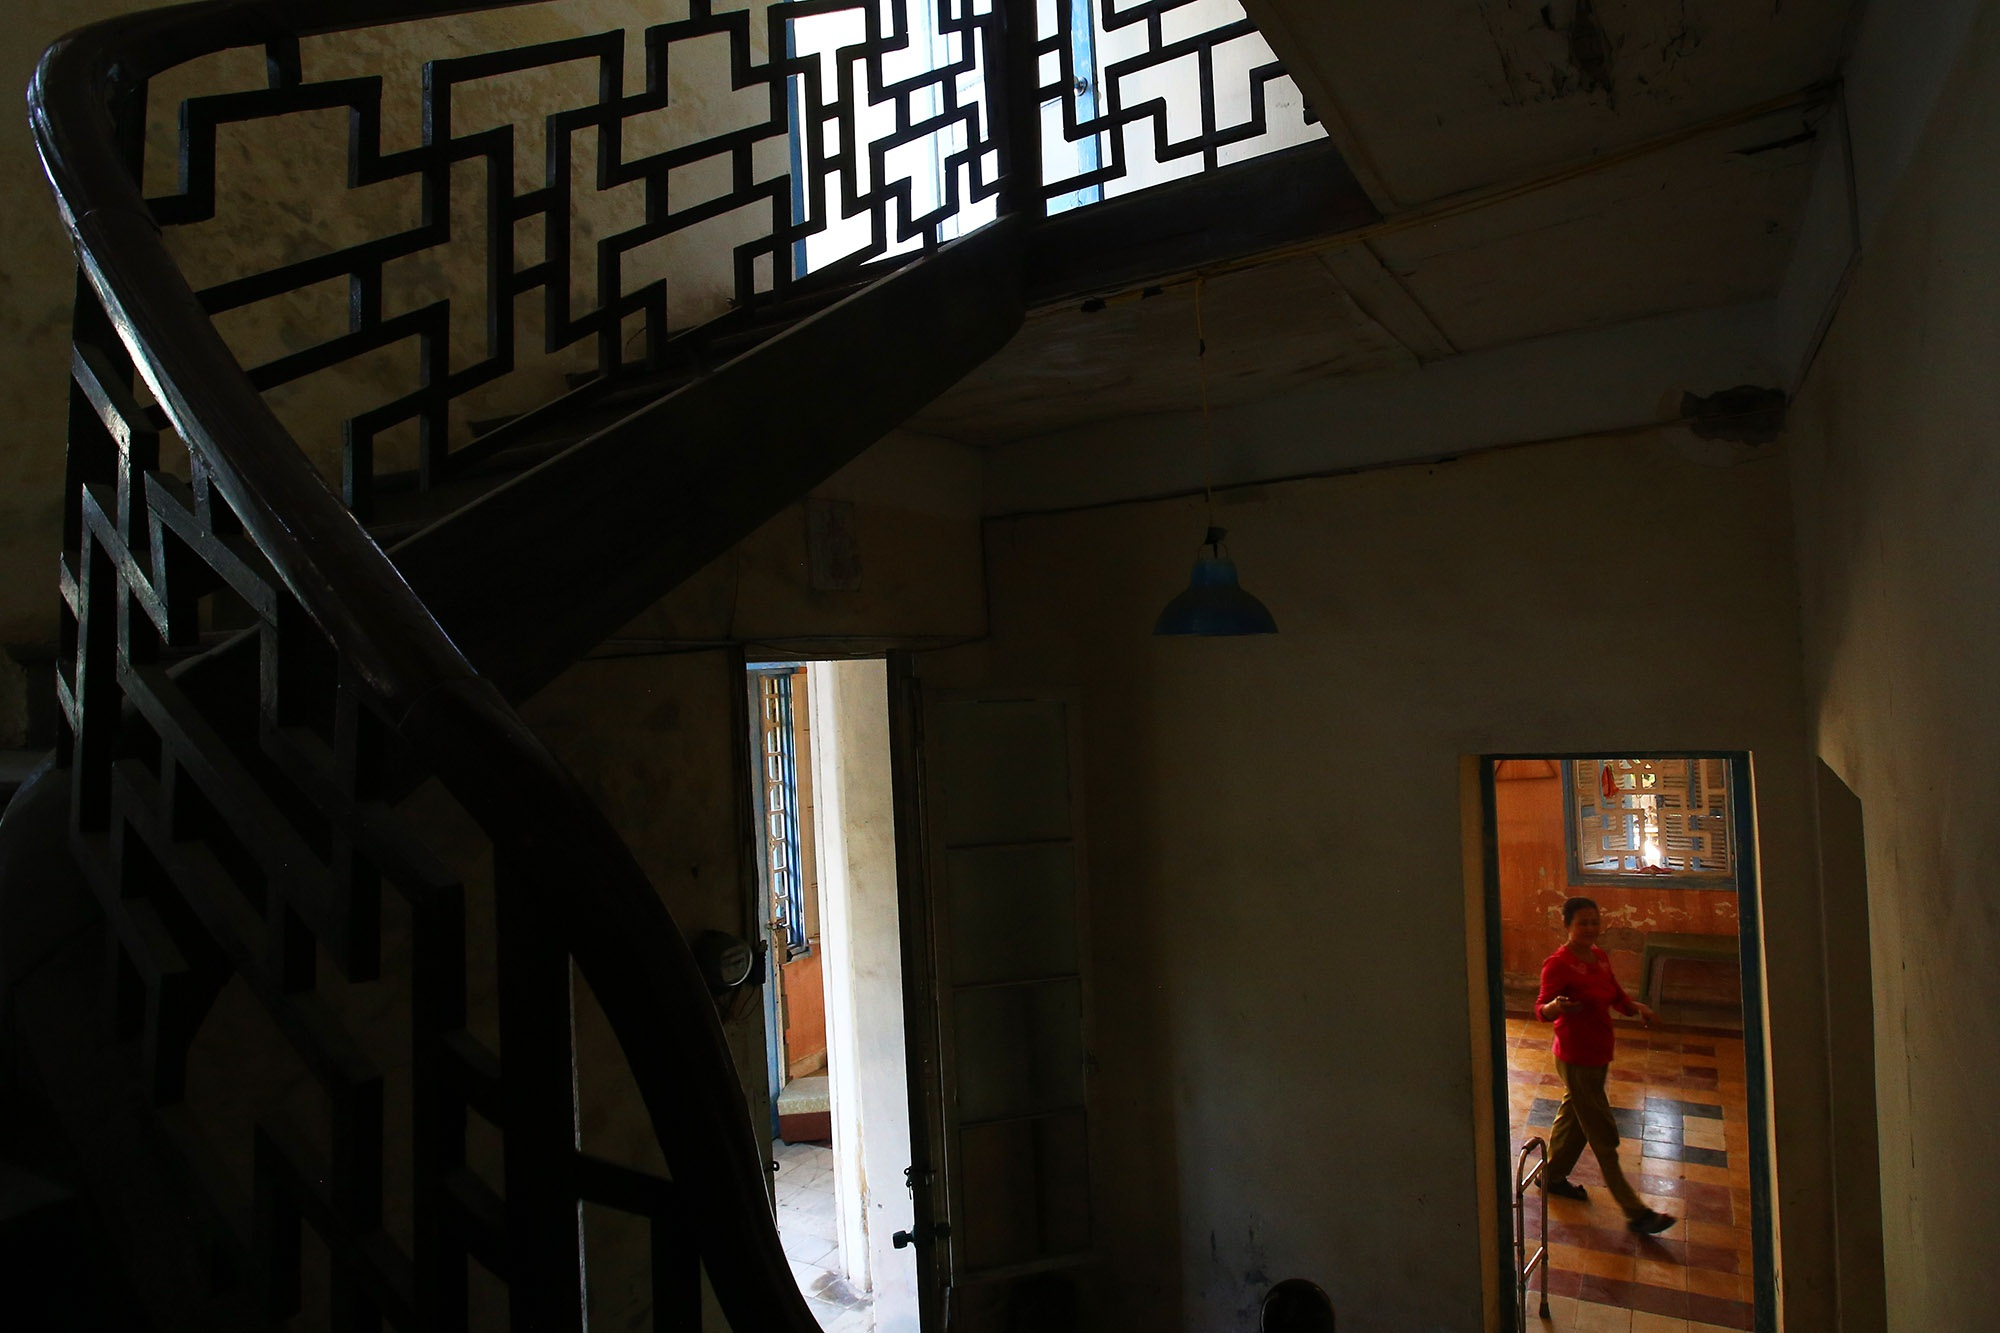 Đông Ngạc - Ngôi làng cổ tuyệt đẹp trong lòng thị thành Hà Nội - 8